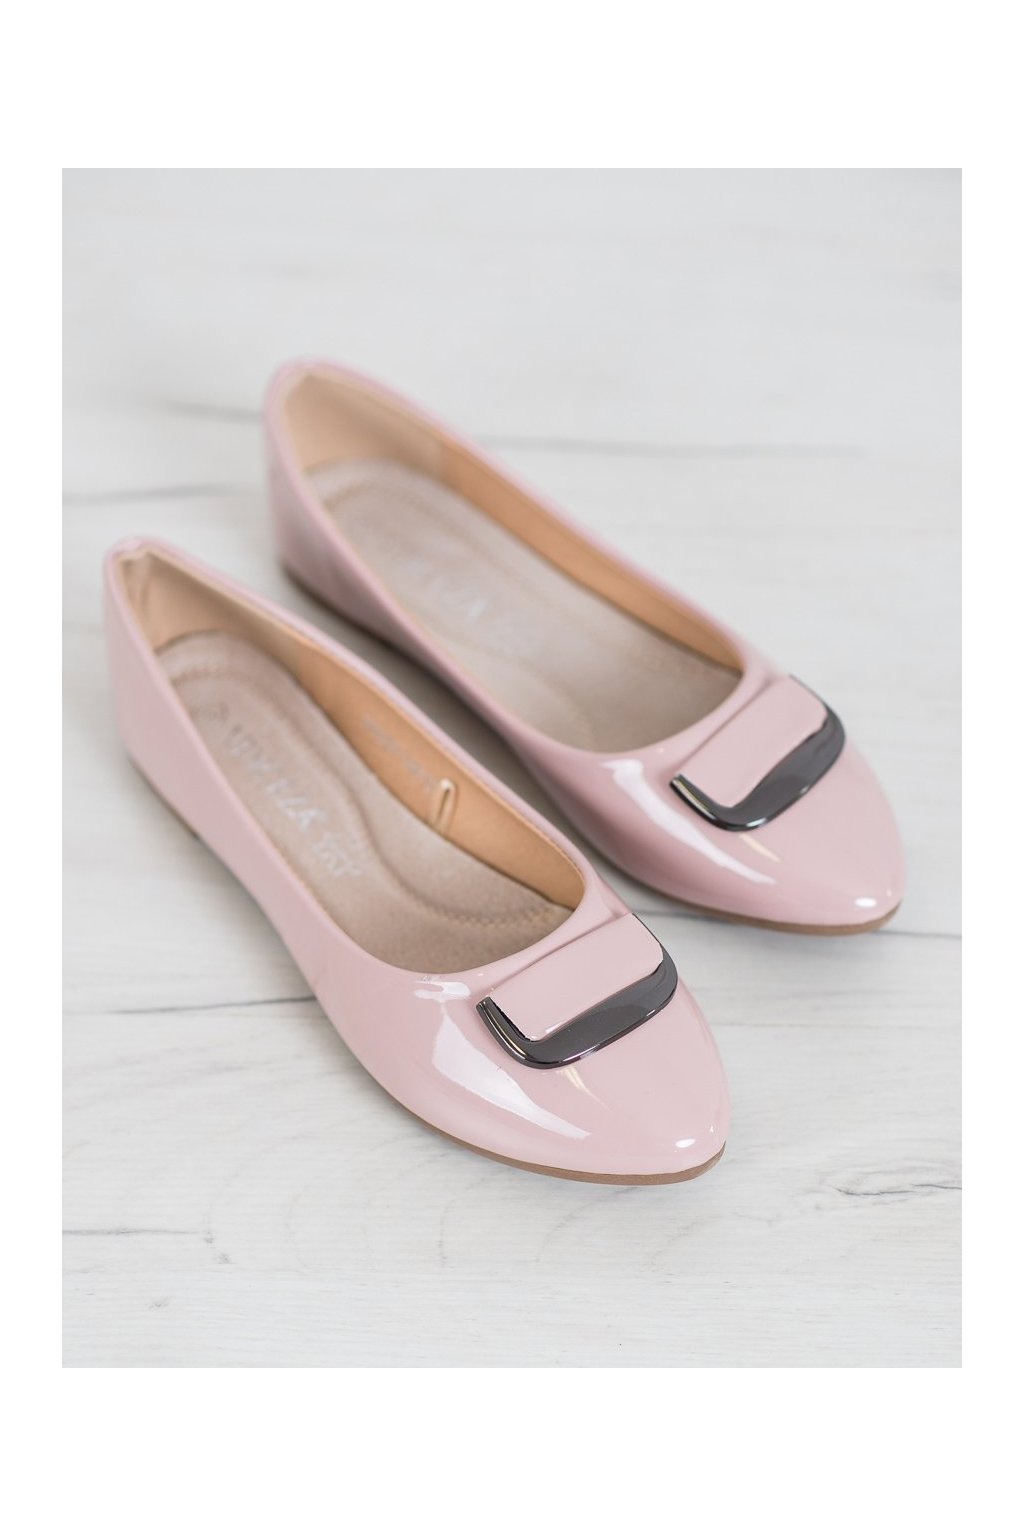 Ružové dámske balerínky Vinceza NJSK BOB20-18015P